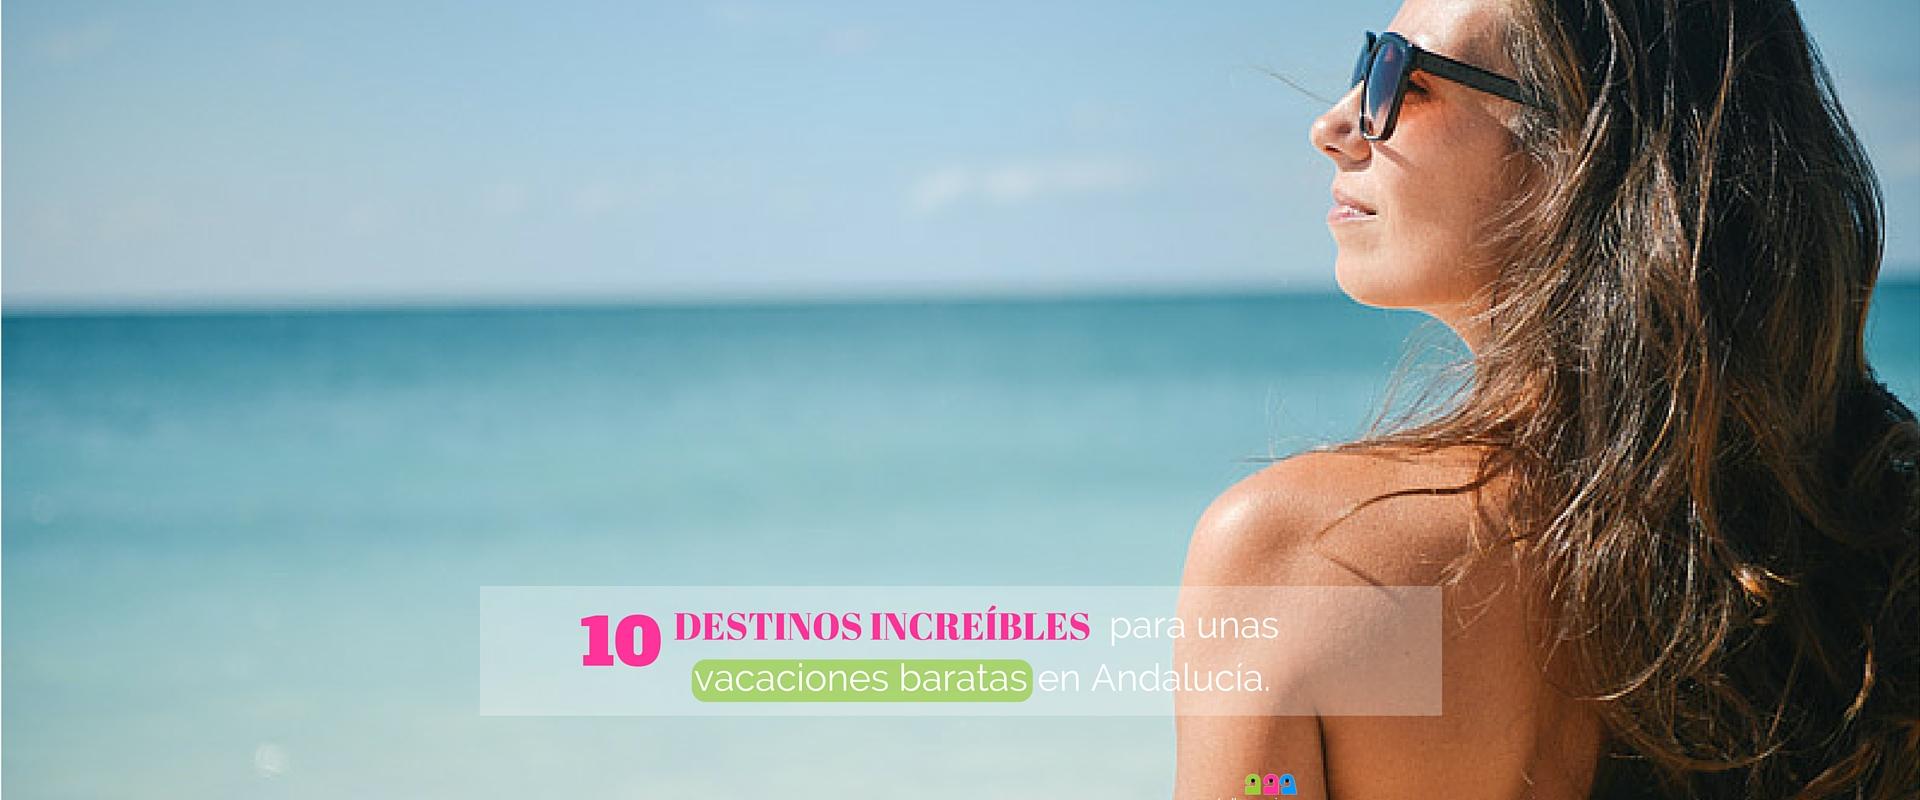 10 Destinos de vacaciones baratas en Andalucía para disfrutar a tope.